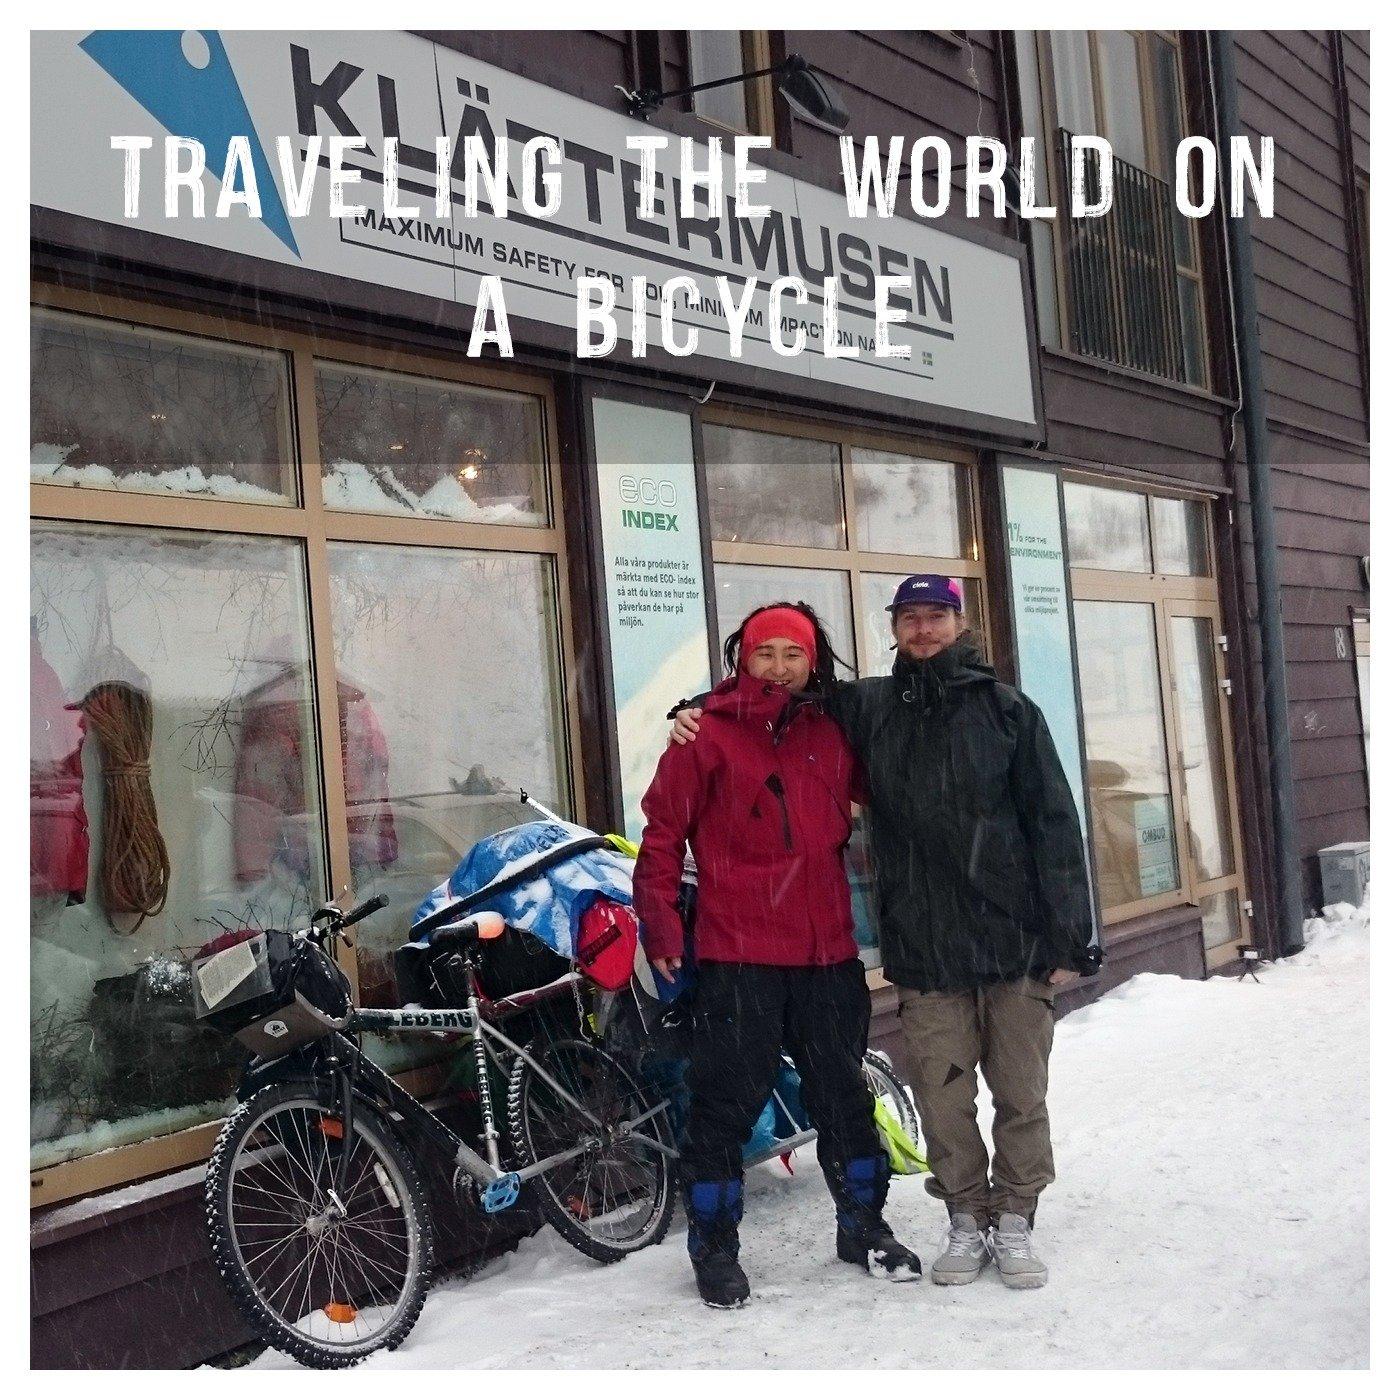 Satoru Yamada, Traveling The World On A Bicycle